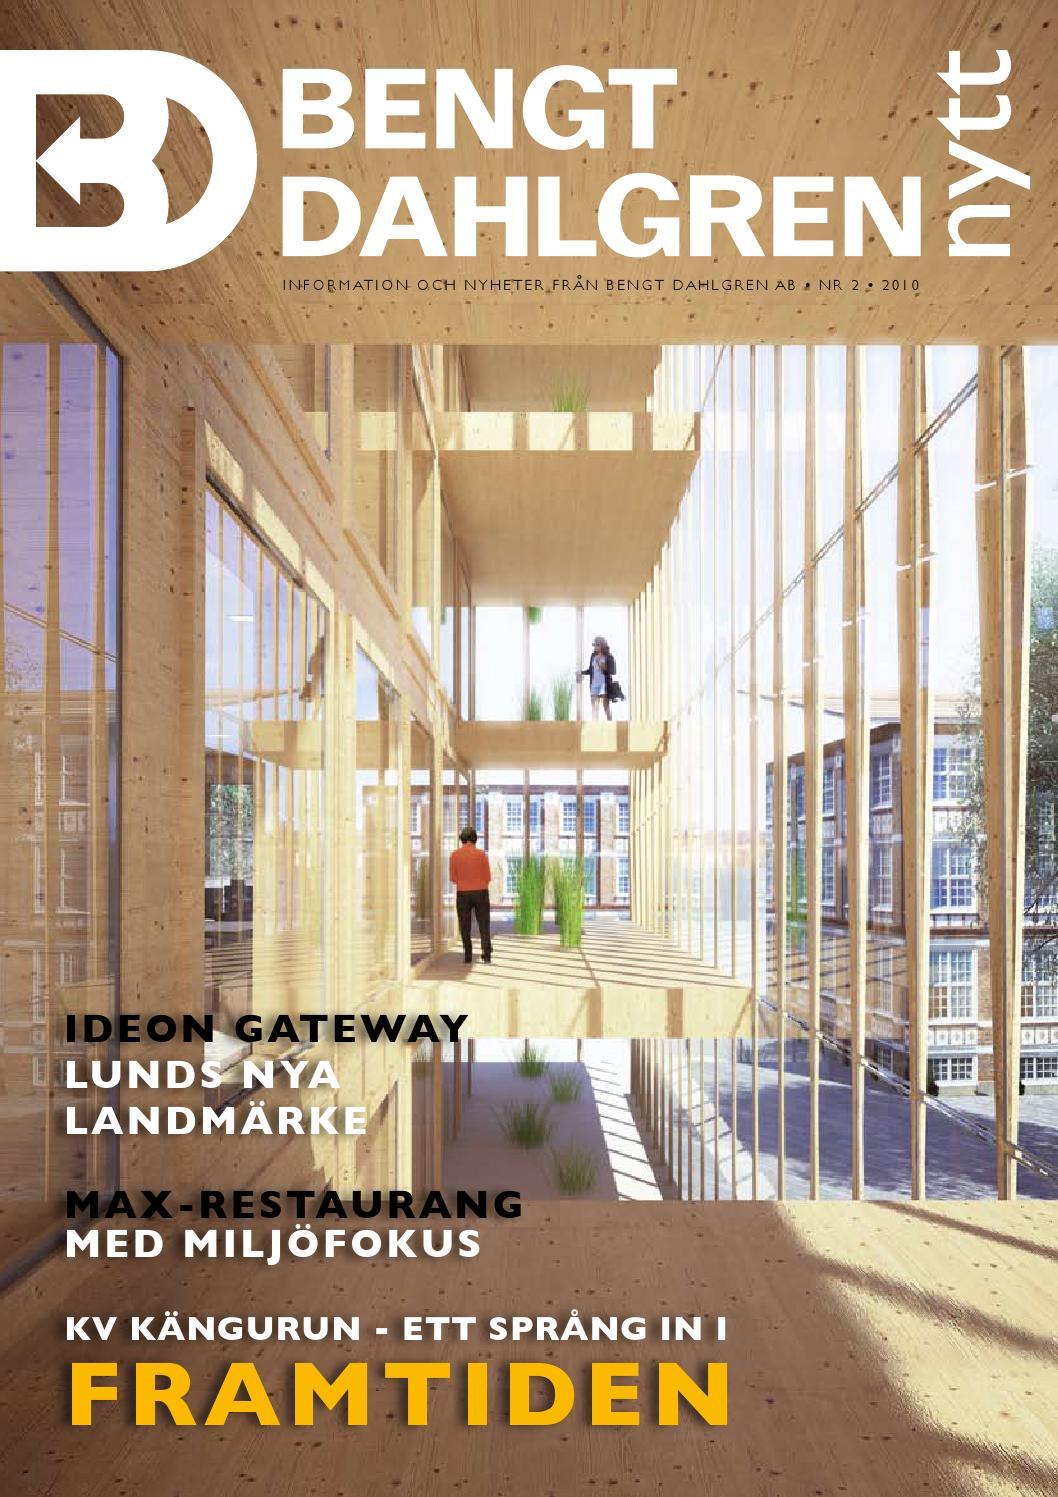 Bengt dahlgren nytt 2   2015 by bengt dahlgren ab   issuu